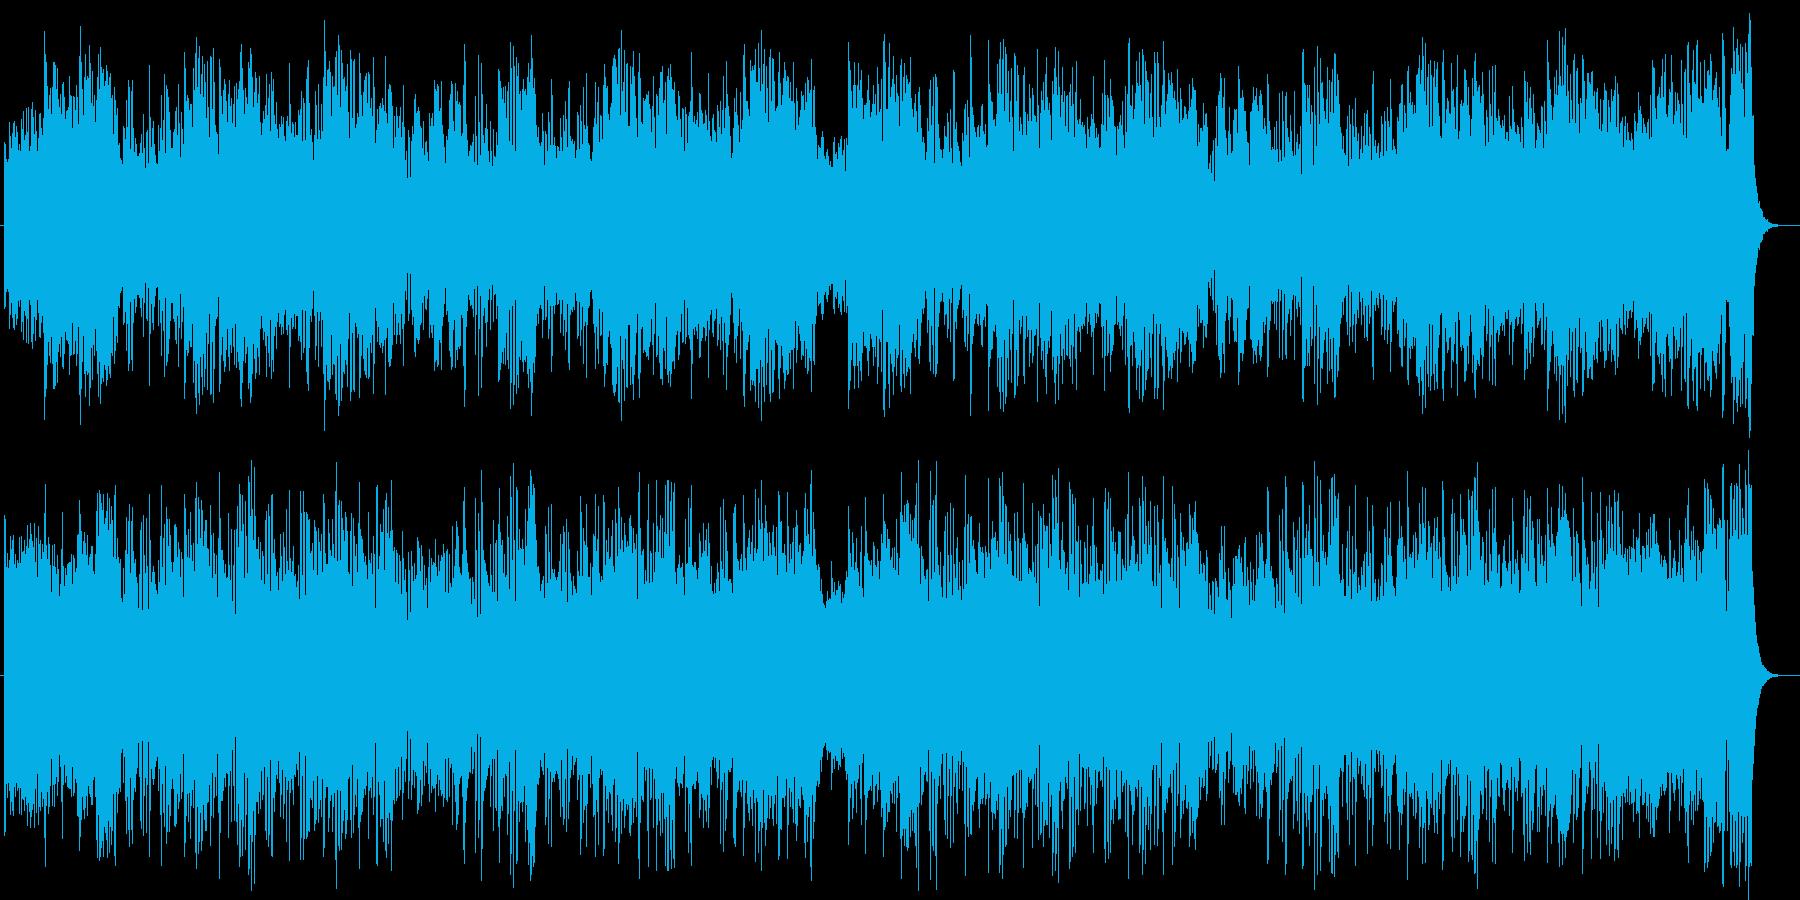 神秘的で壮大なオーケストラサウンドの再生済みの波形